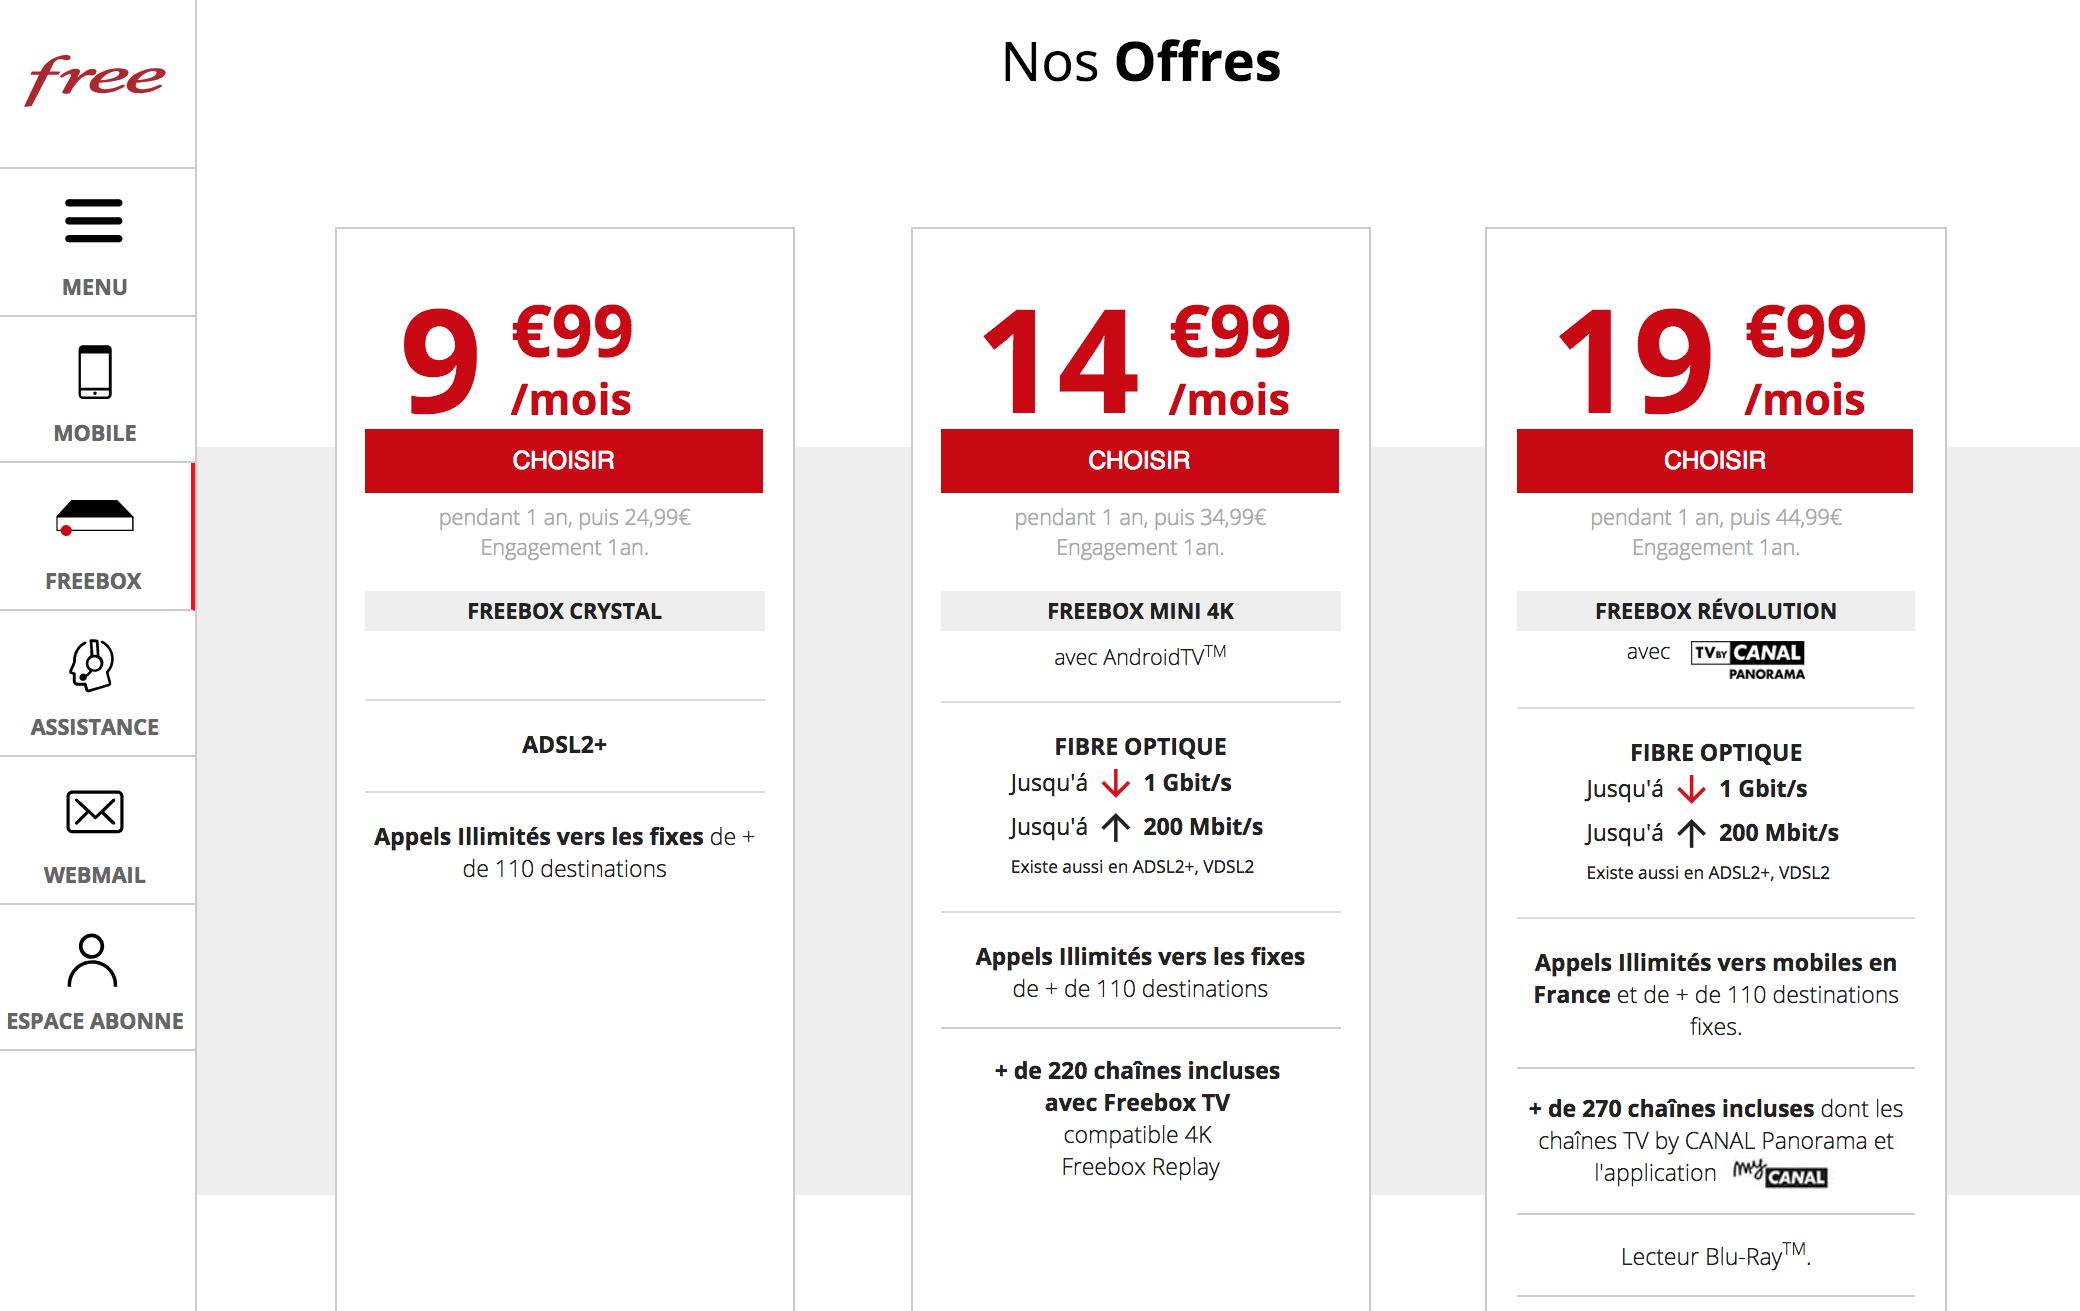 Les Nouvelles Offres Freebox Sont En Ligne Ce Qui Change